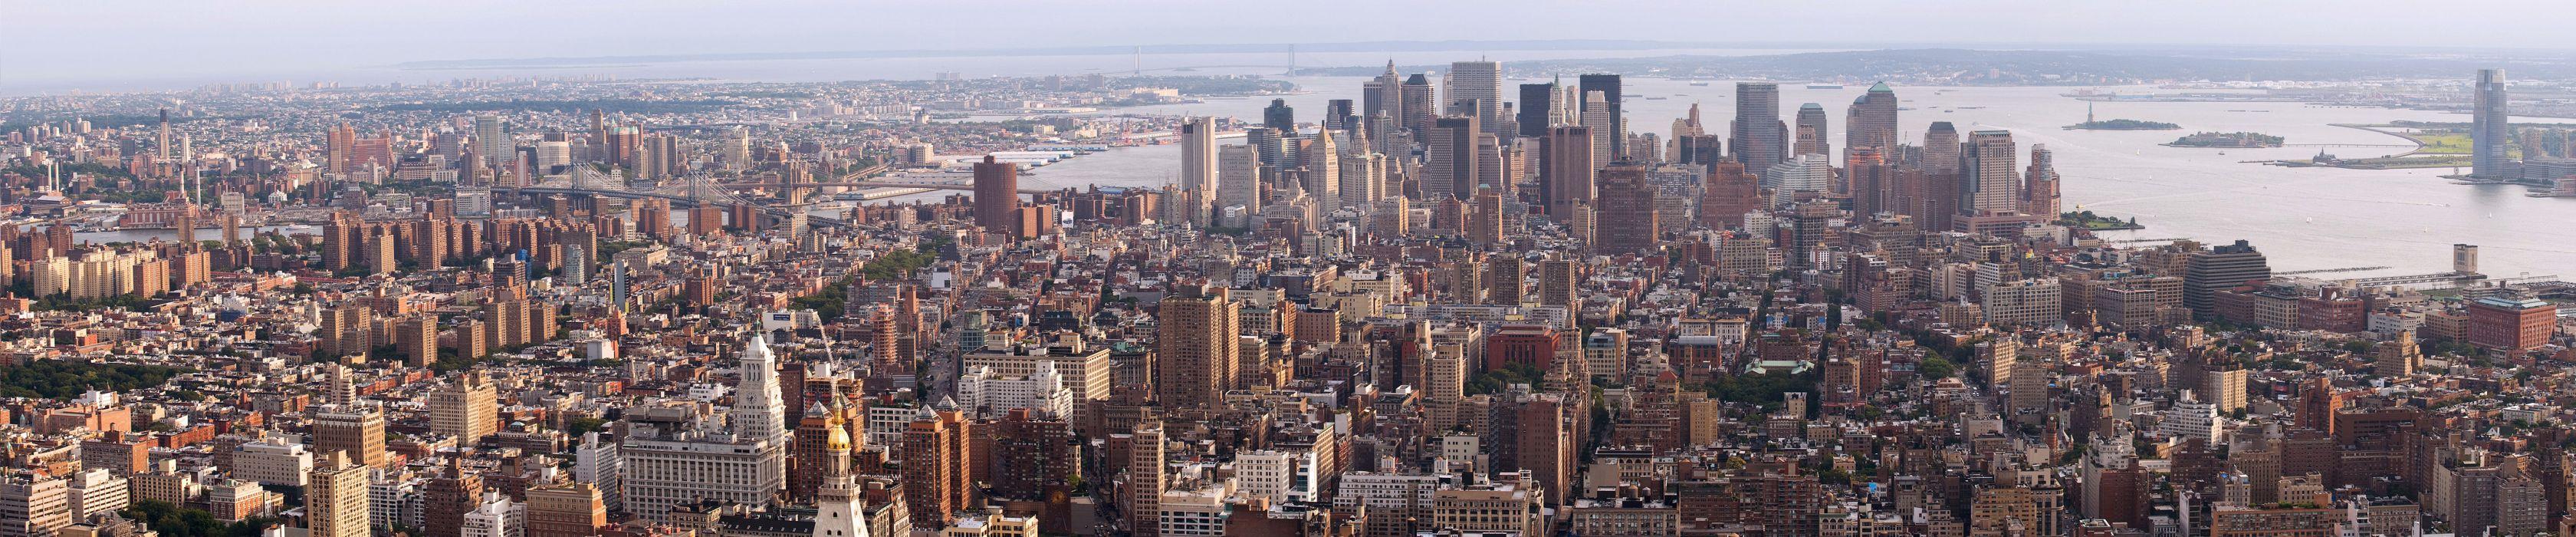 New York Manhattan  gd wallpaper